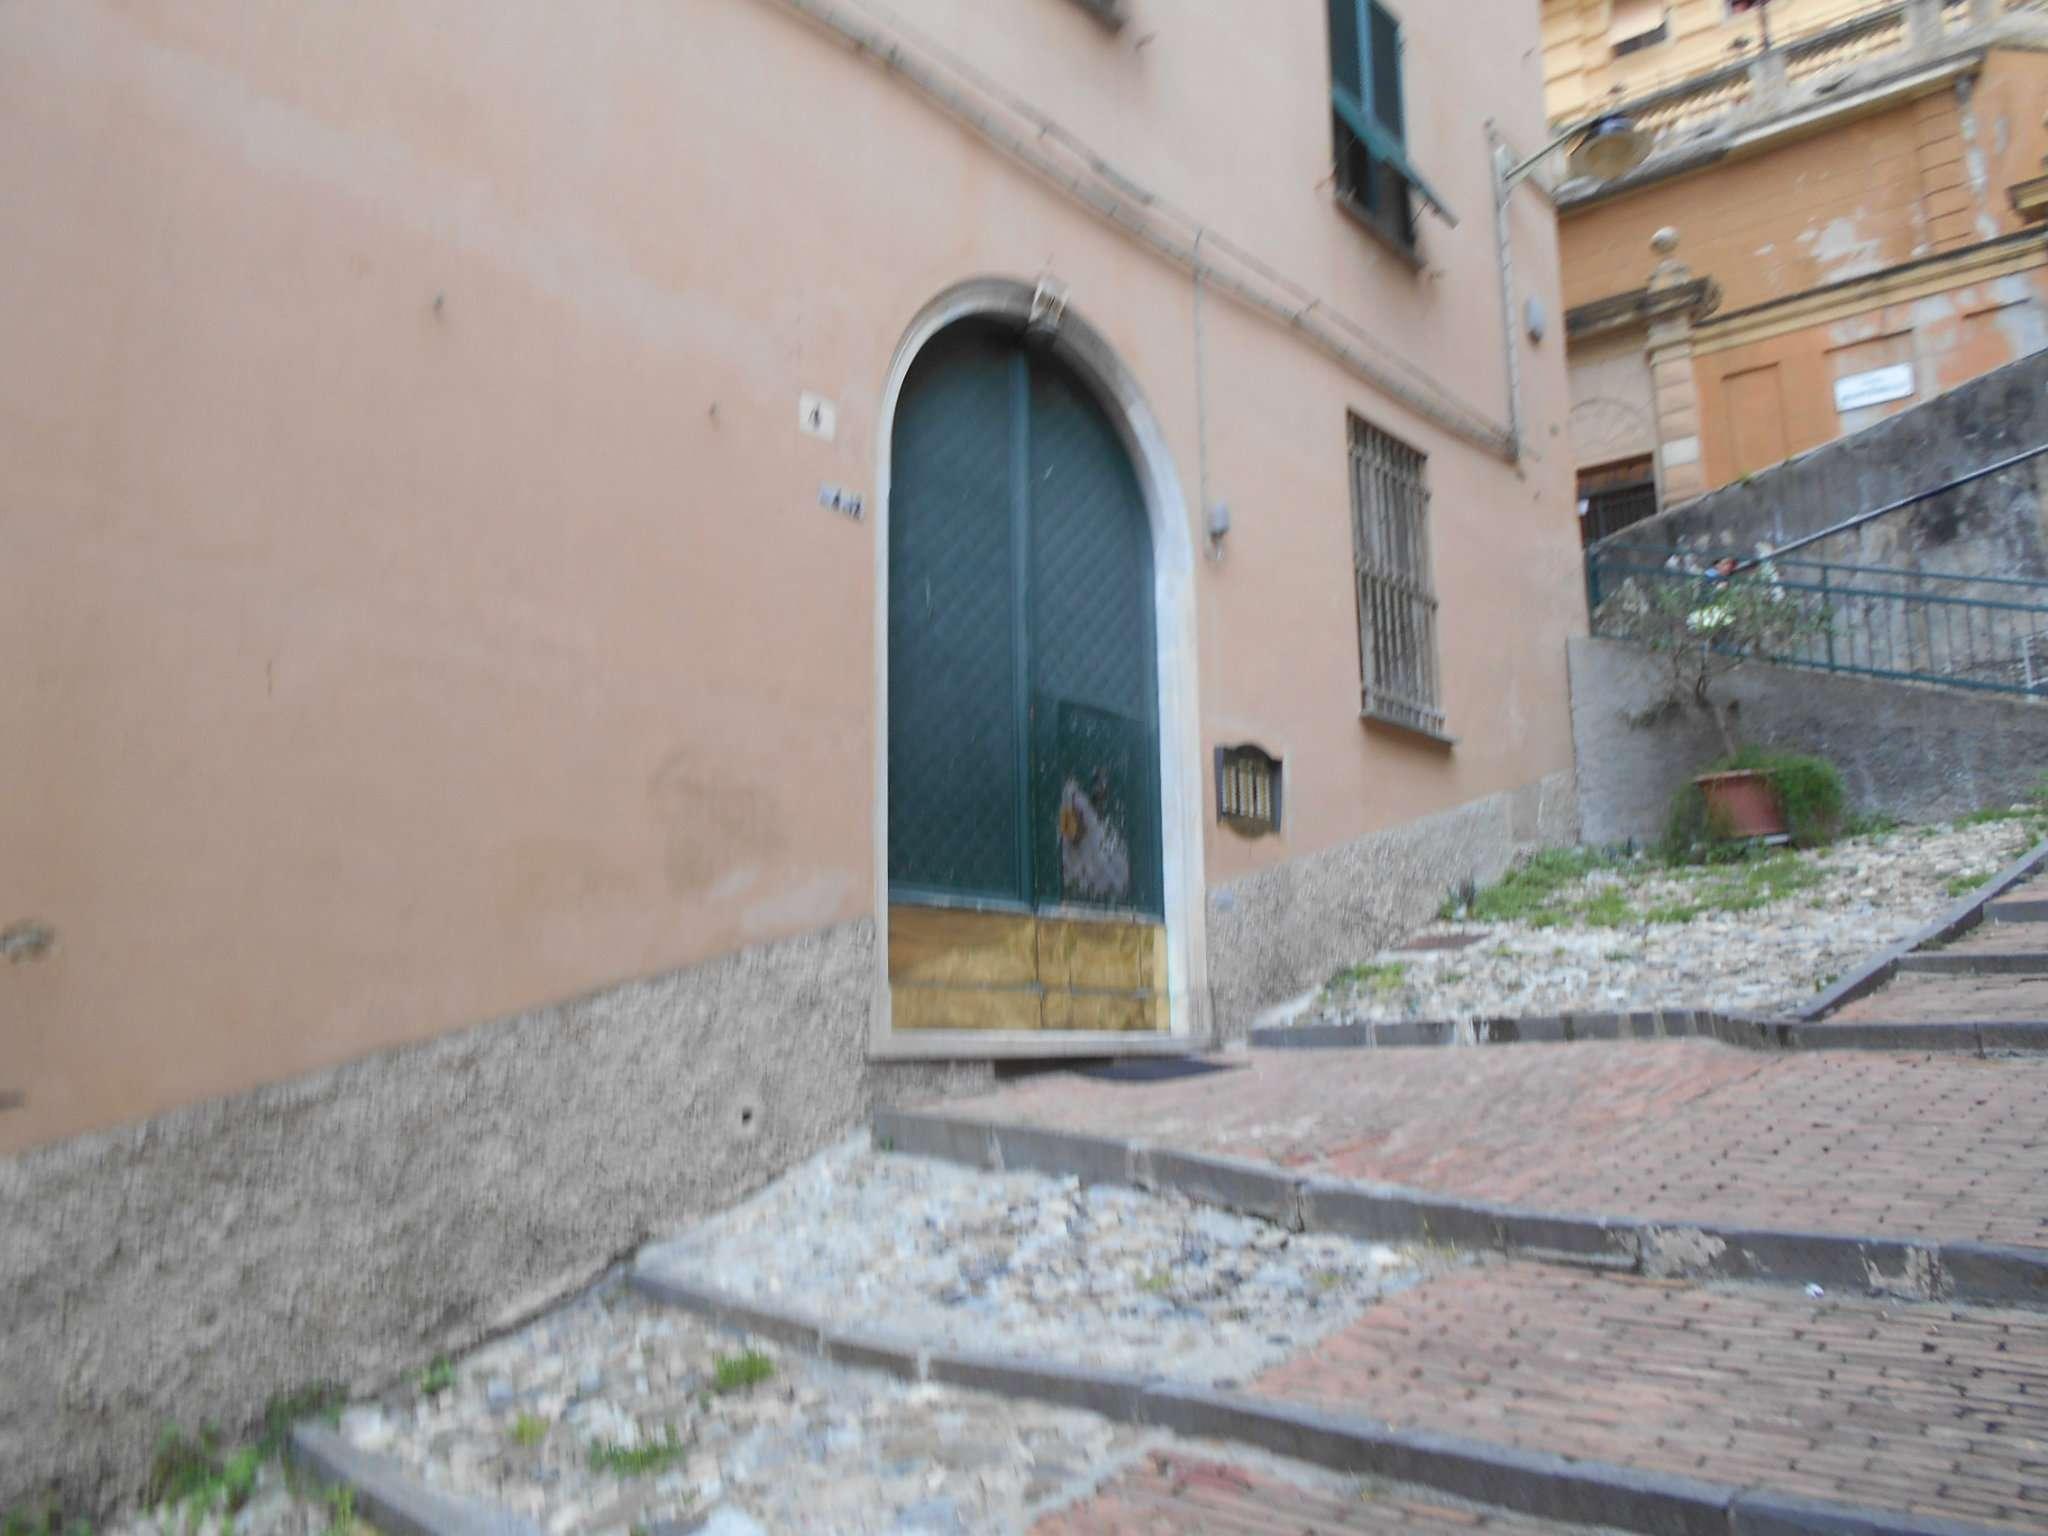 Appartamento in affitto a Genova, 5 locali, zona Centro, Centro Storico, prezzo € 700 | PortaleAgenzieImmobiliari.it